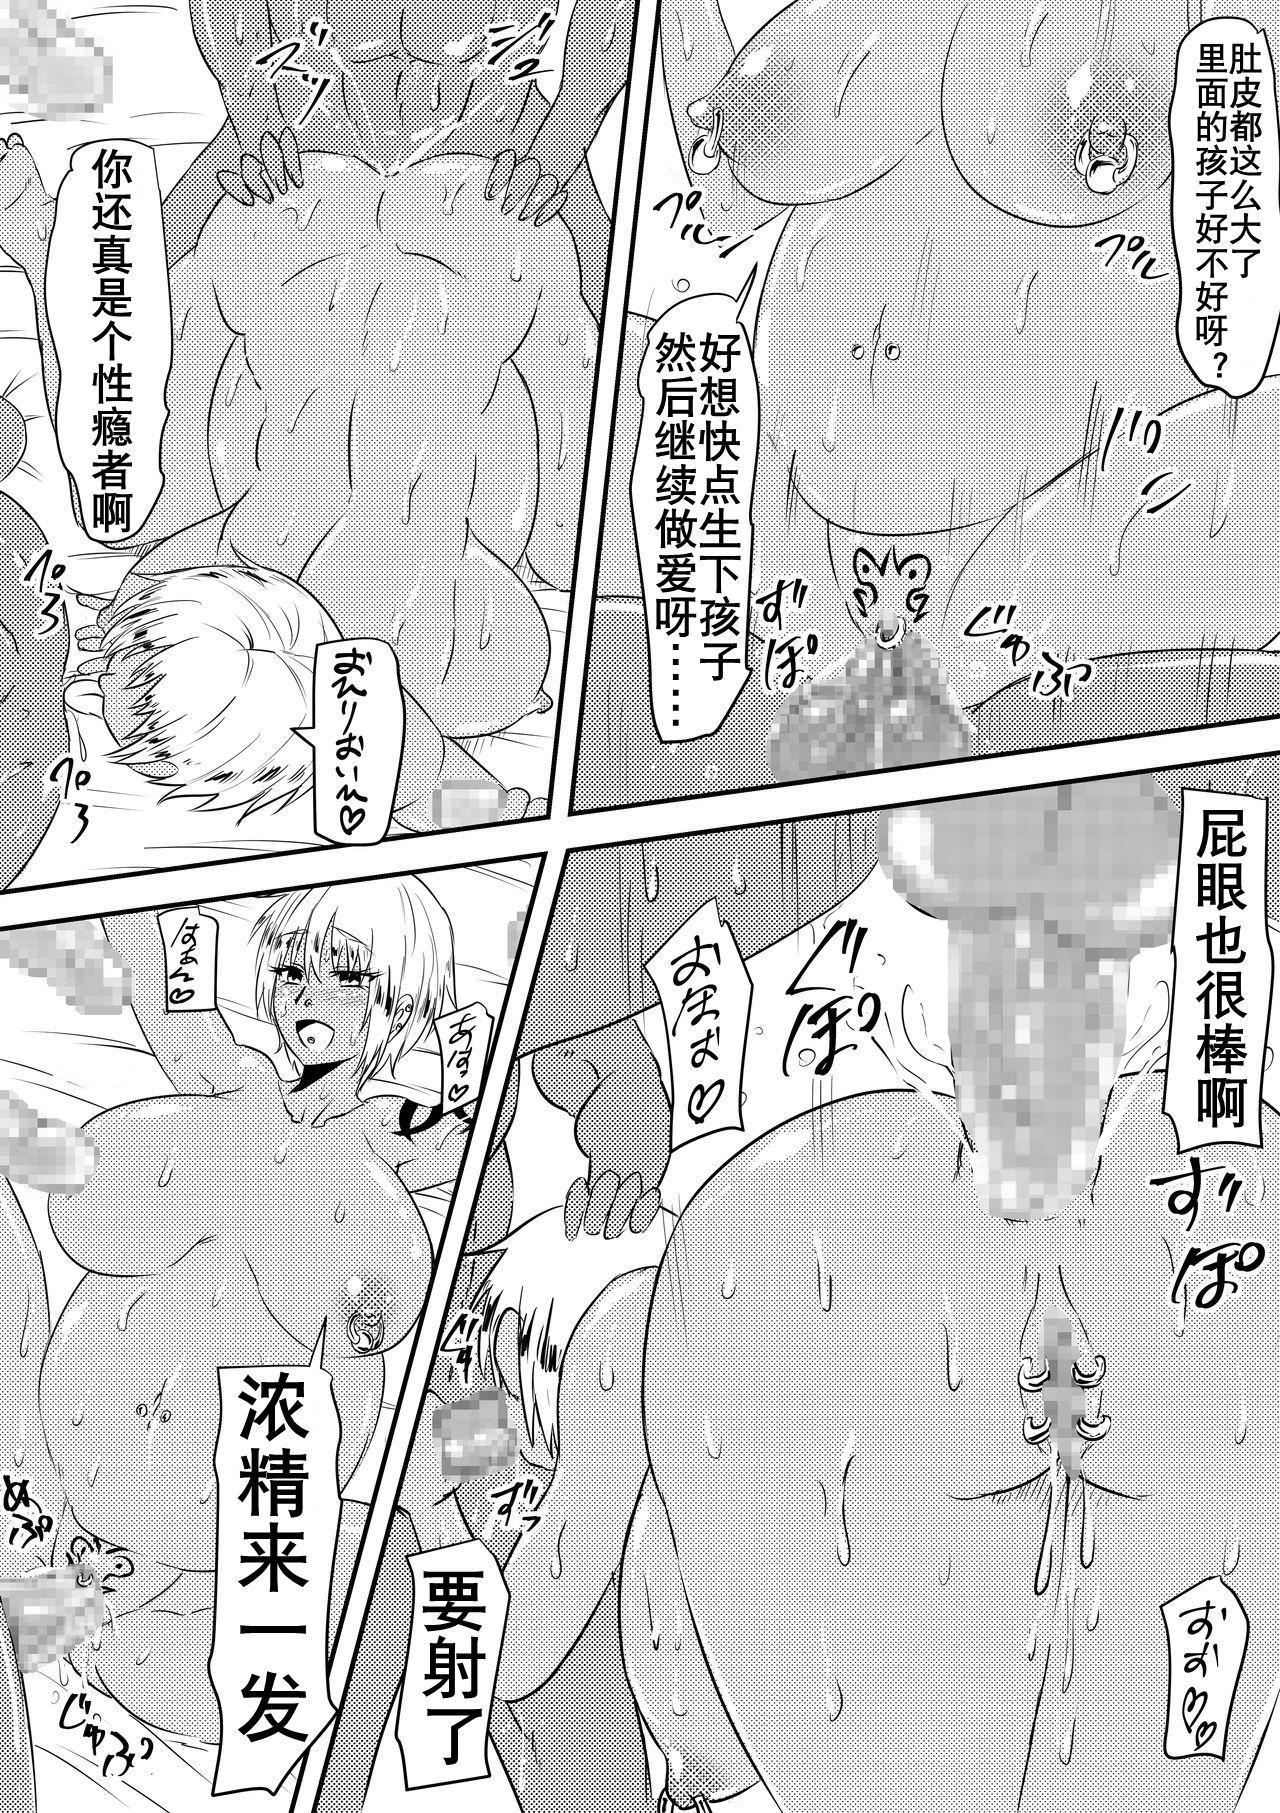 Sports Shoujo ga Ryoujoku Sarete Bitch-ka Suru Hanashi | 田径少女凌辱婊化 74